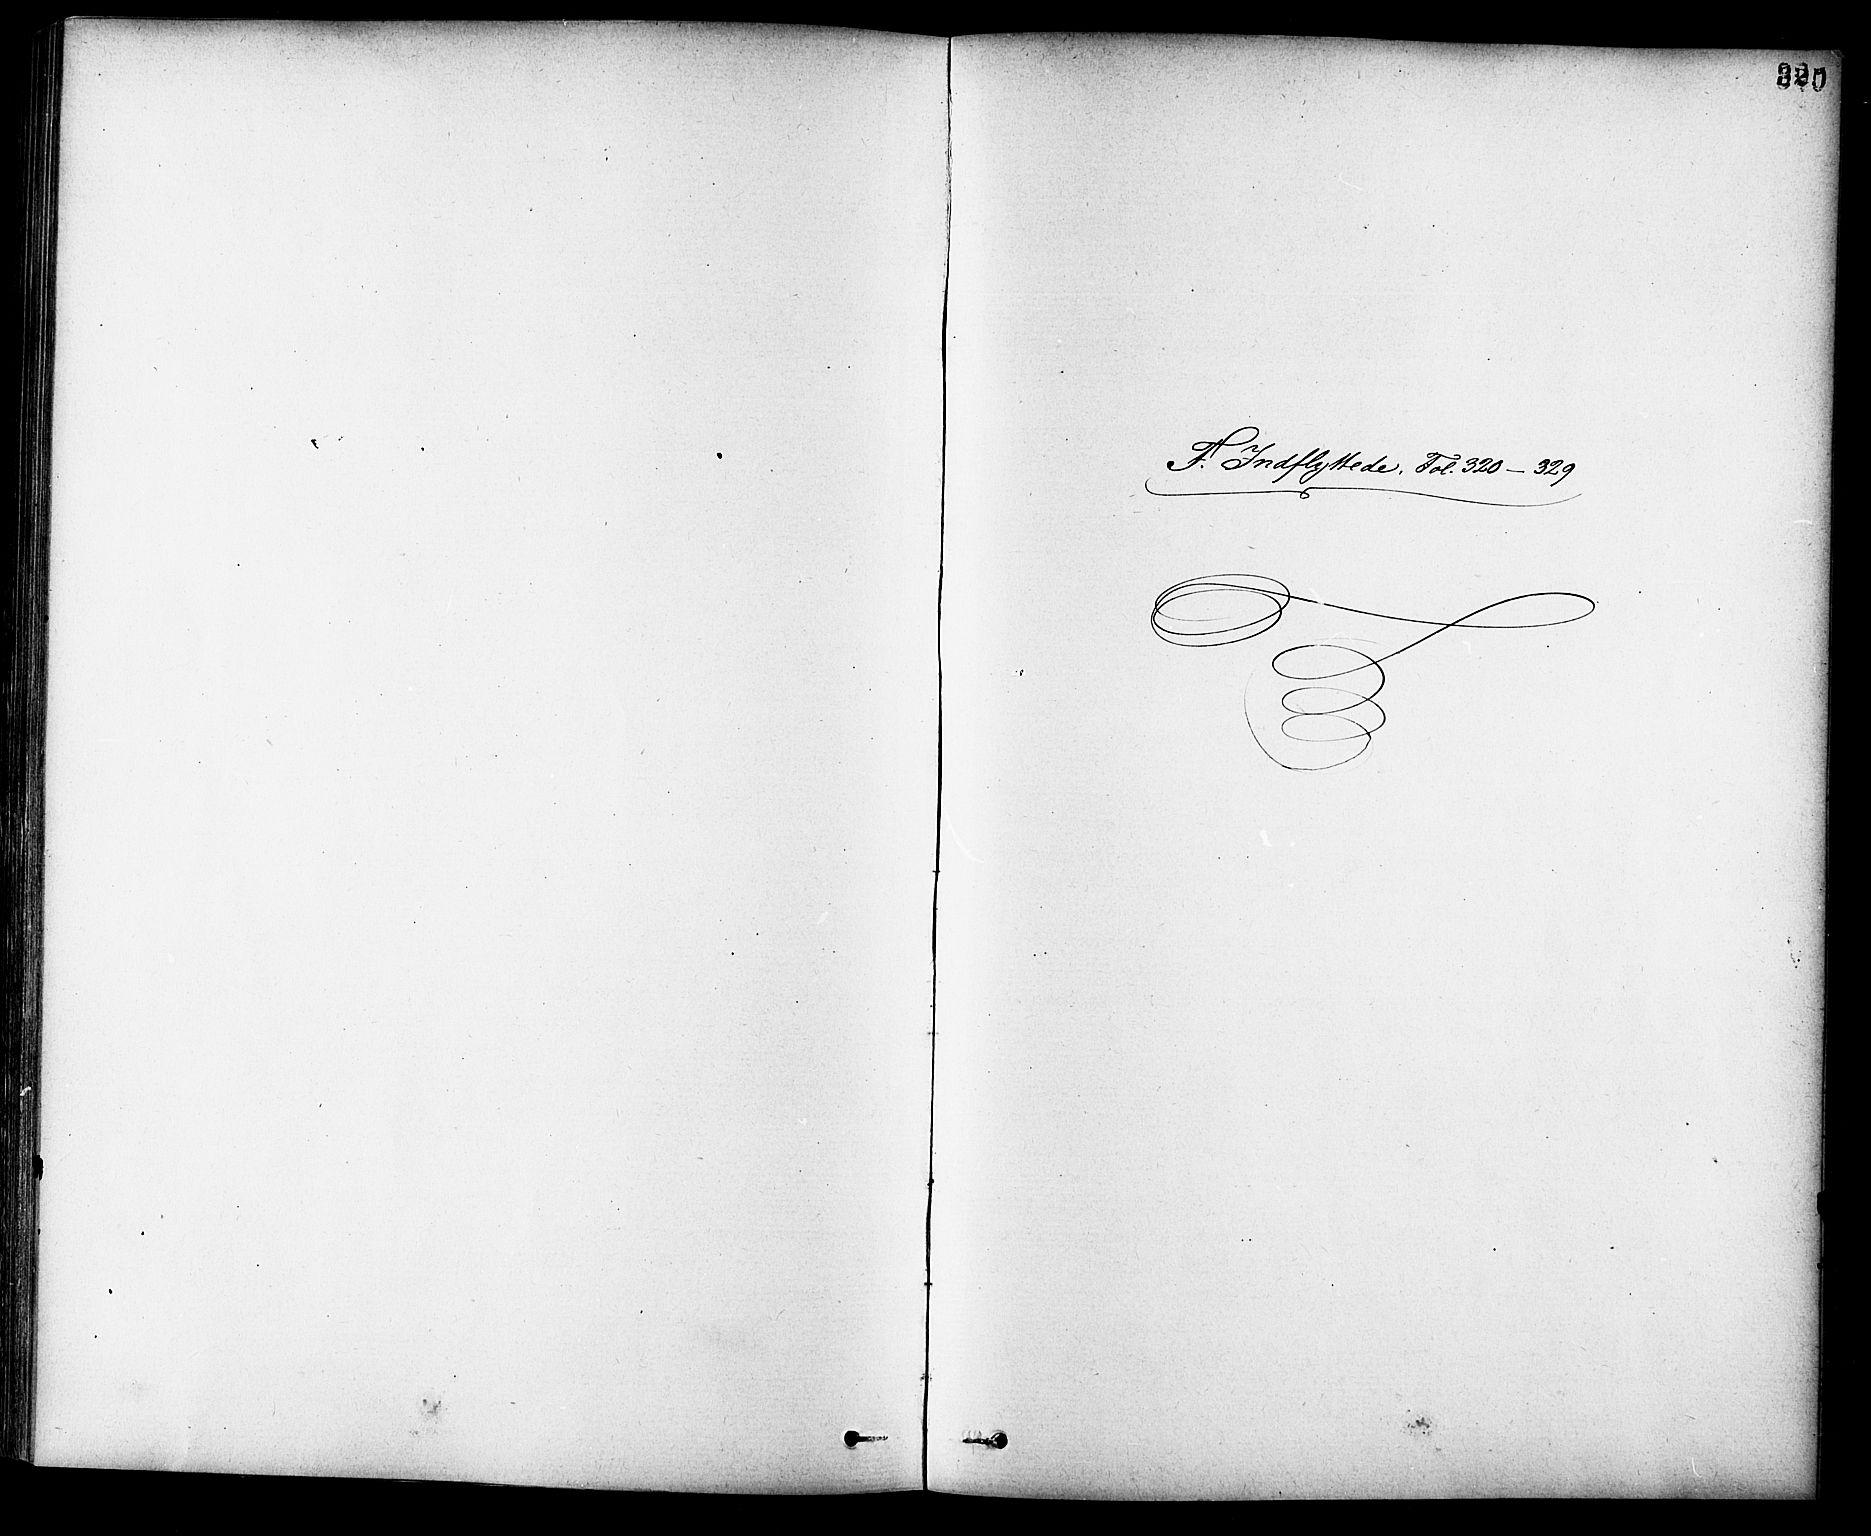 SAT, Ministerialprotokoller, klokkerbøker og fødselsregistre - Sør-Trøndelag, 691/L1094: Klokkerbok nr. 691C05, 1879-1911, s. 320